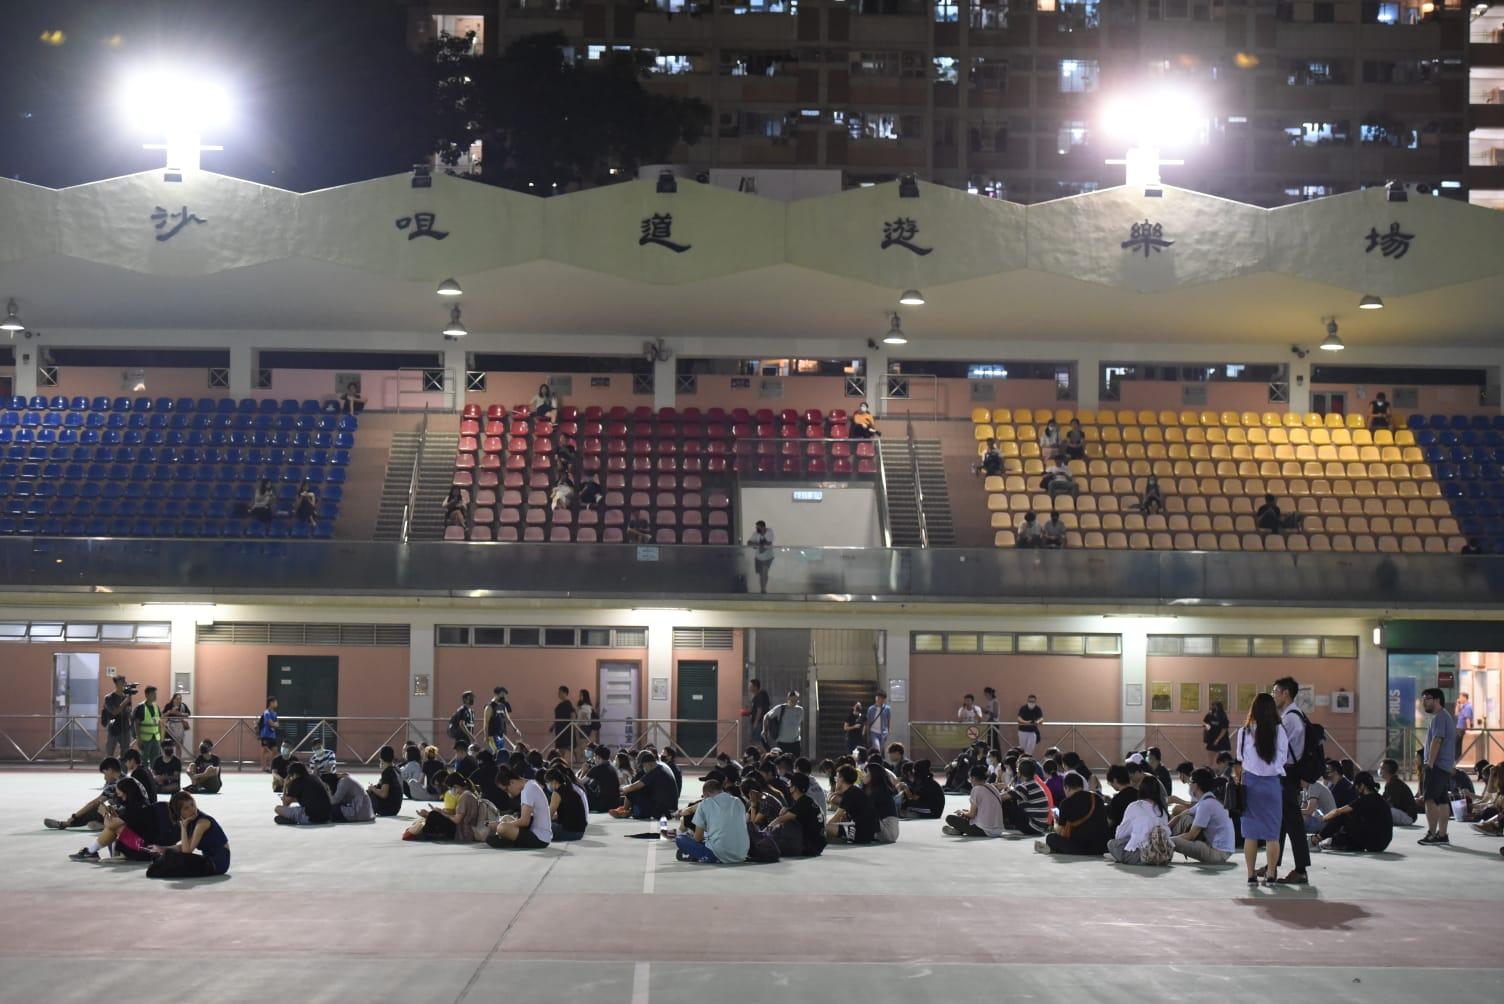 【修例风波】数十人荃湾沙咀道球场聚集 高叫抗议口号